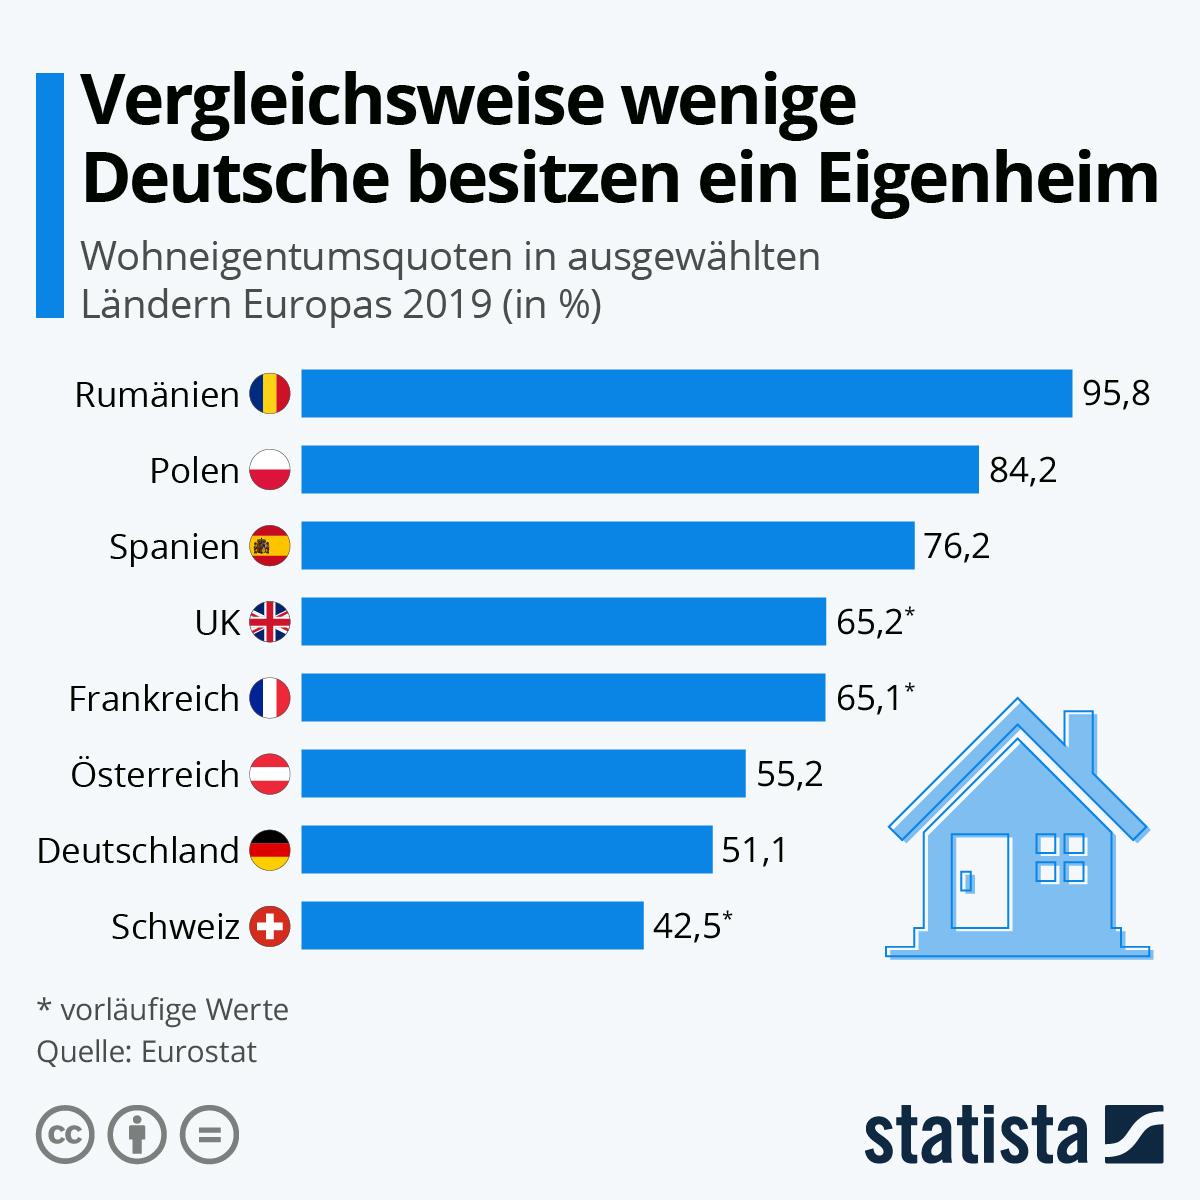 Infografik: Vergleichsweise wenige Deutsche besitzen ein Eigenheim | Statista